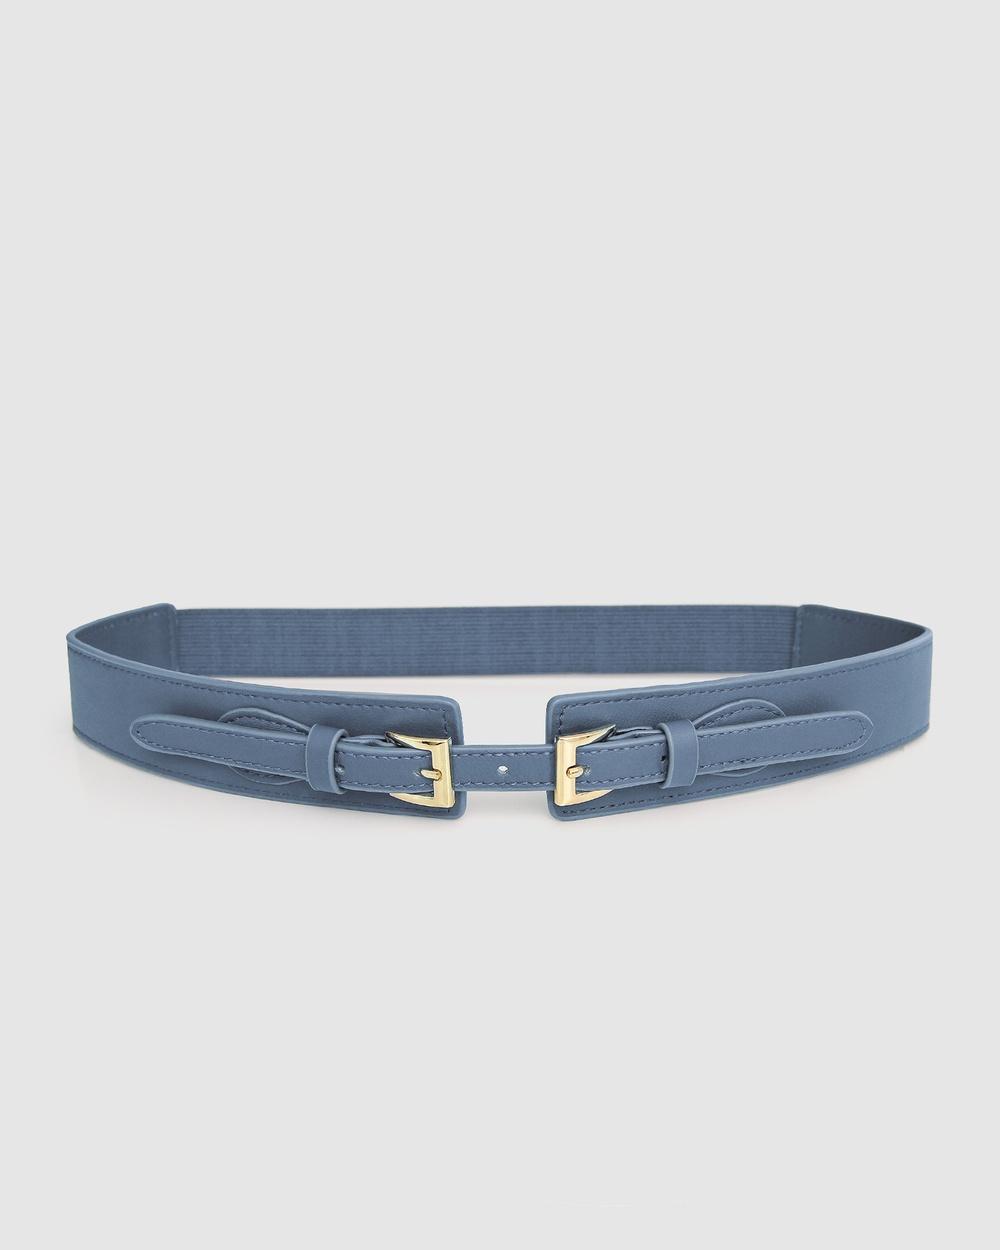 Belle & Bloom London Fog Leather Waist Belt Belts Blue